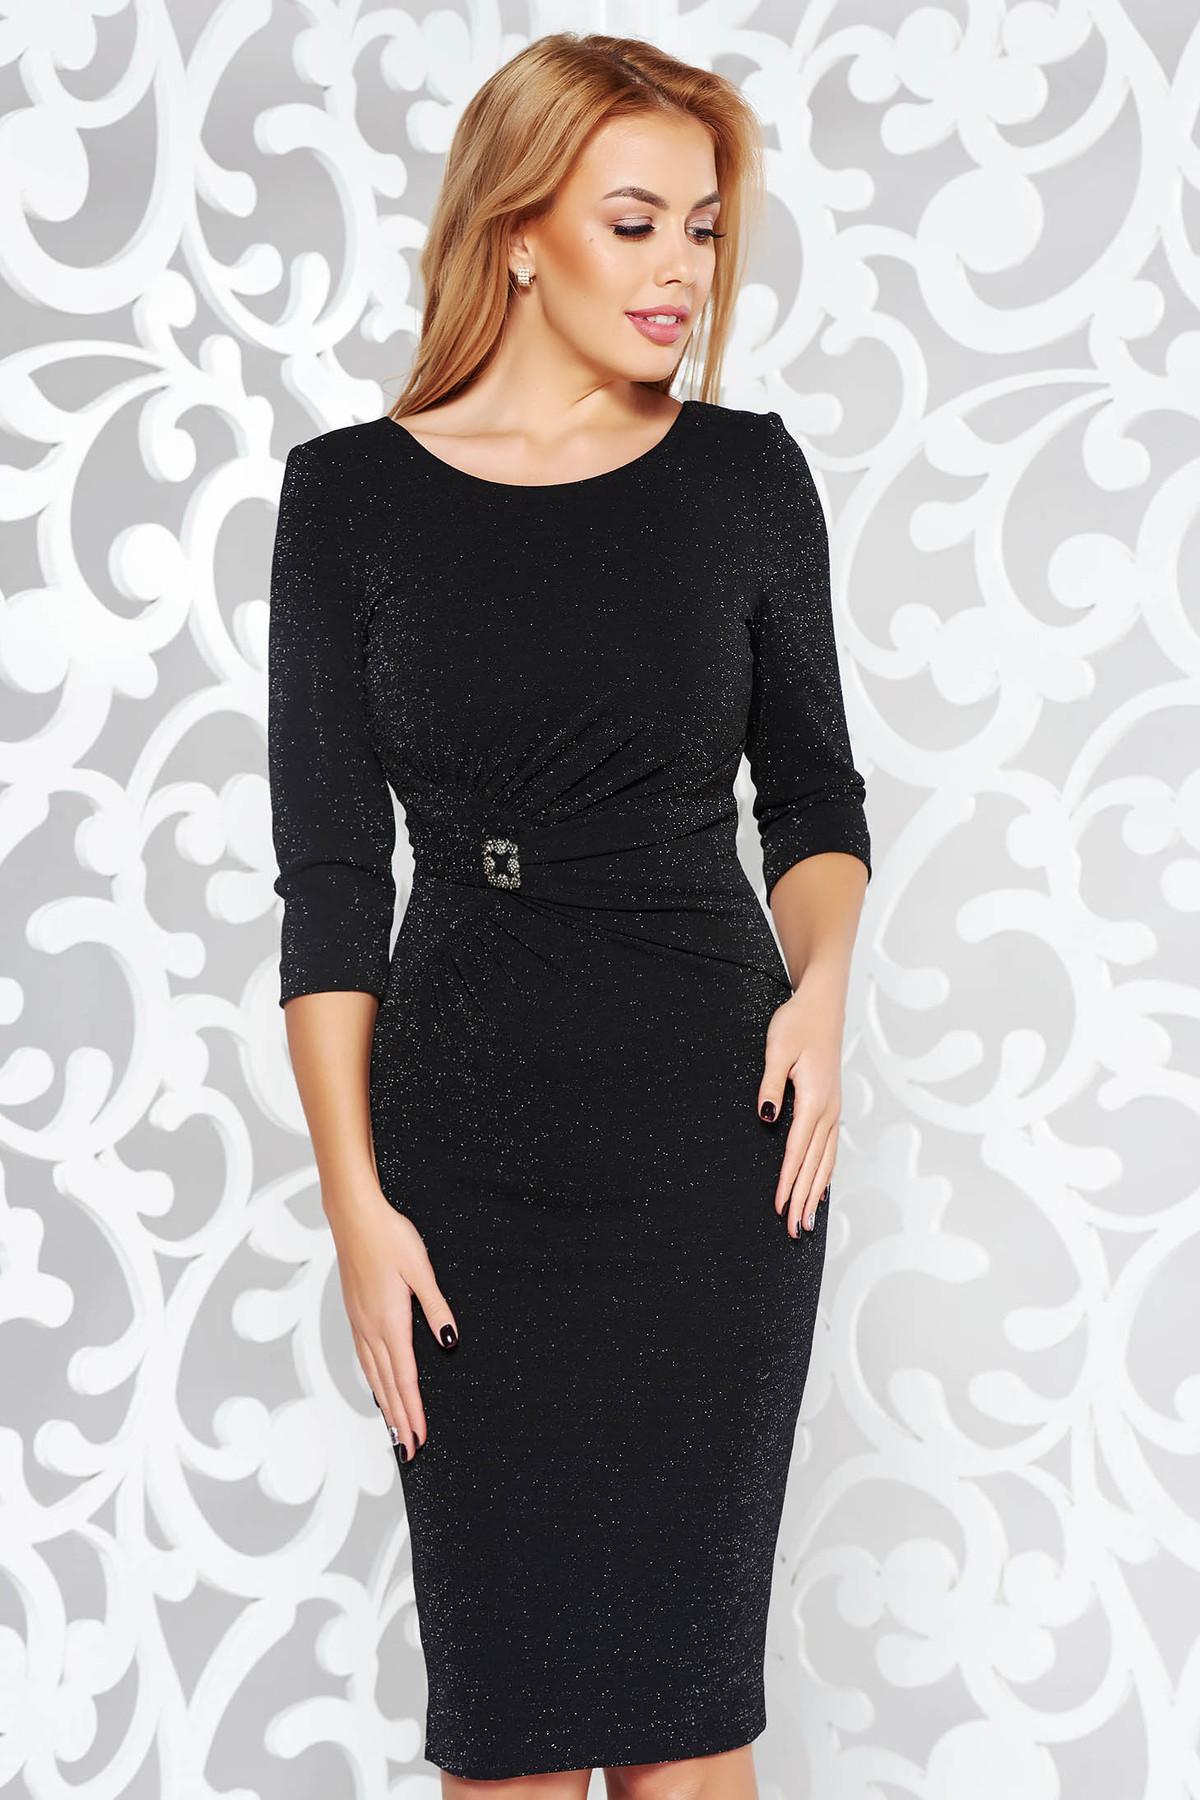 Rochie neagra de ocazie tip creion din material usor elastic cu fir lame captusita pe interior accesorizata cu brosa